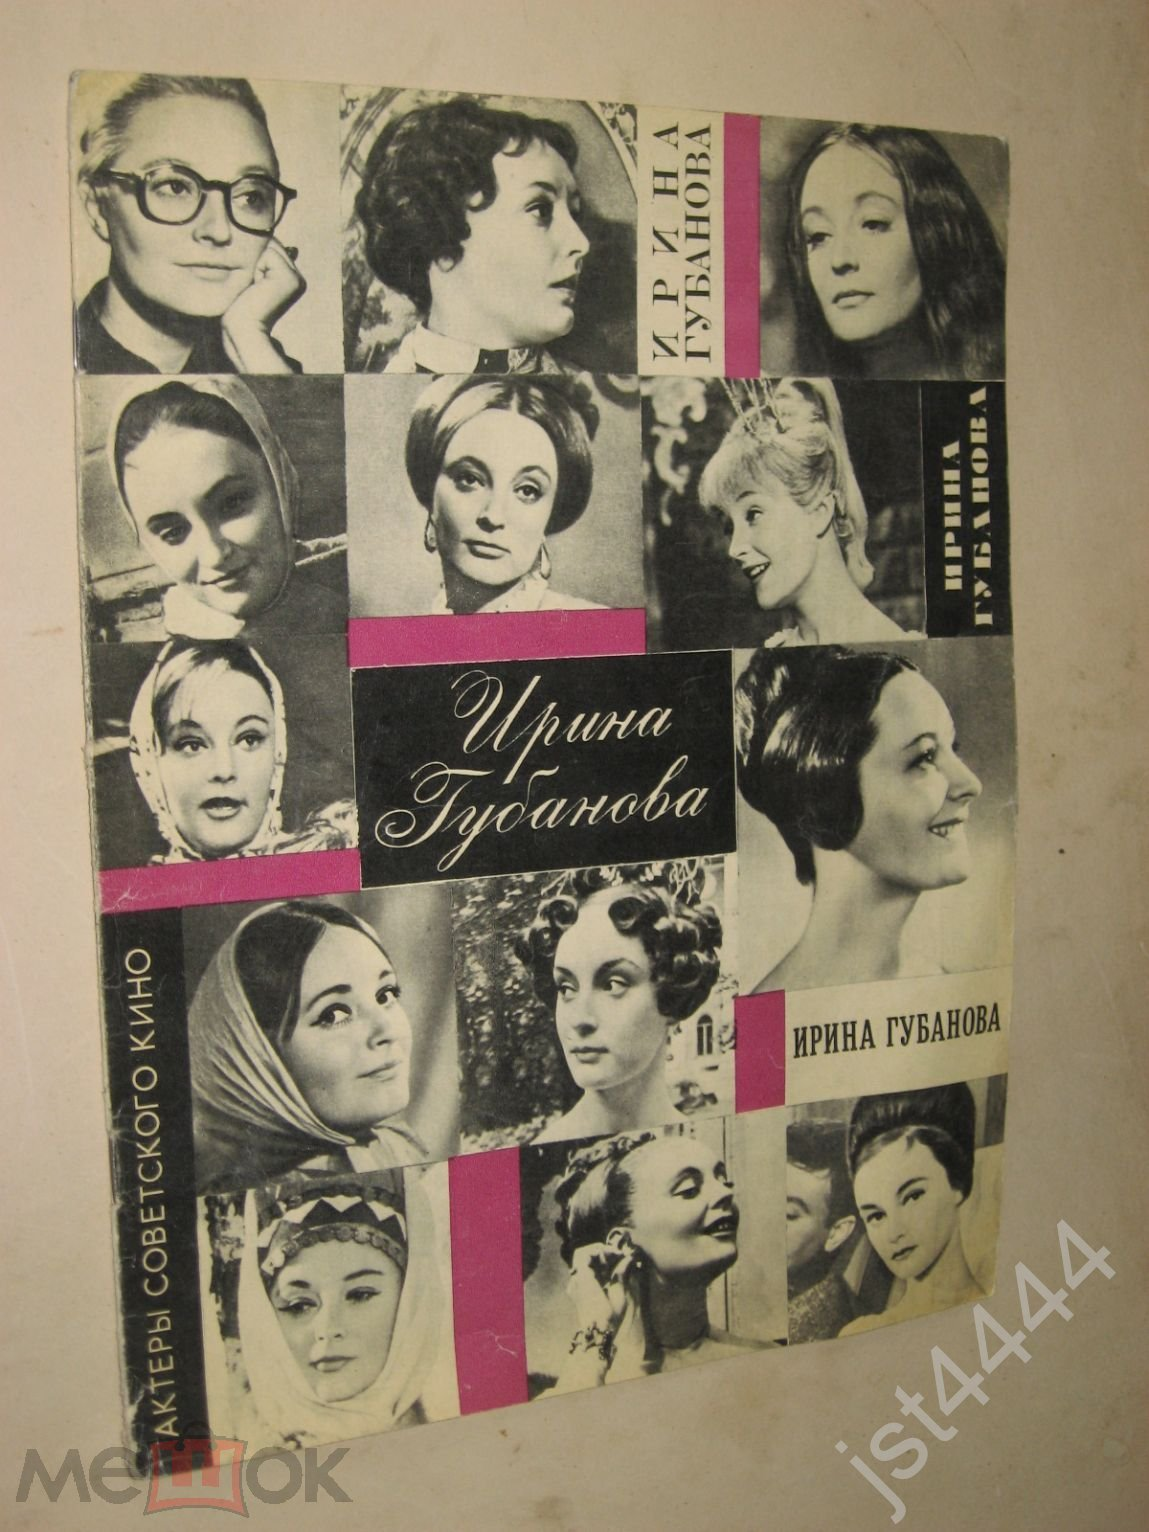 Картинки, бюро пропаганды советского киноискусства открытка